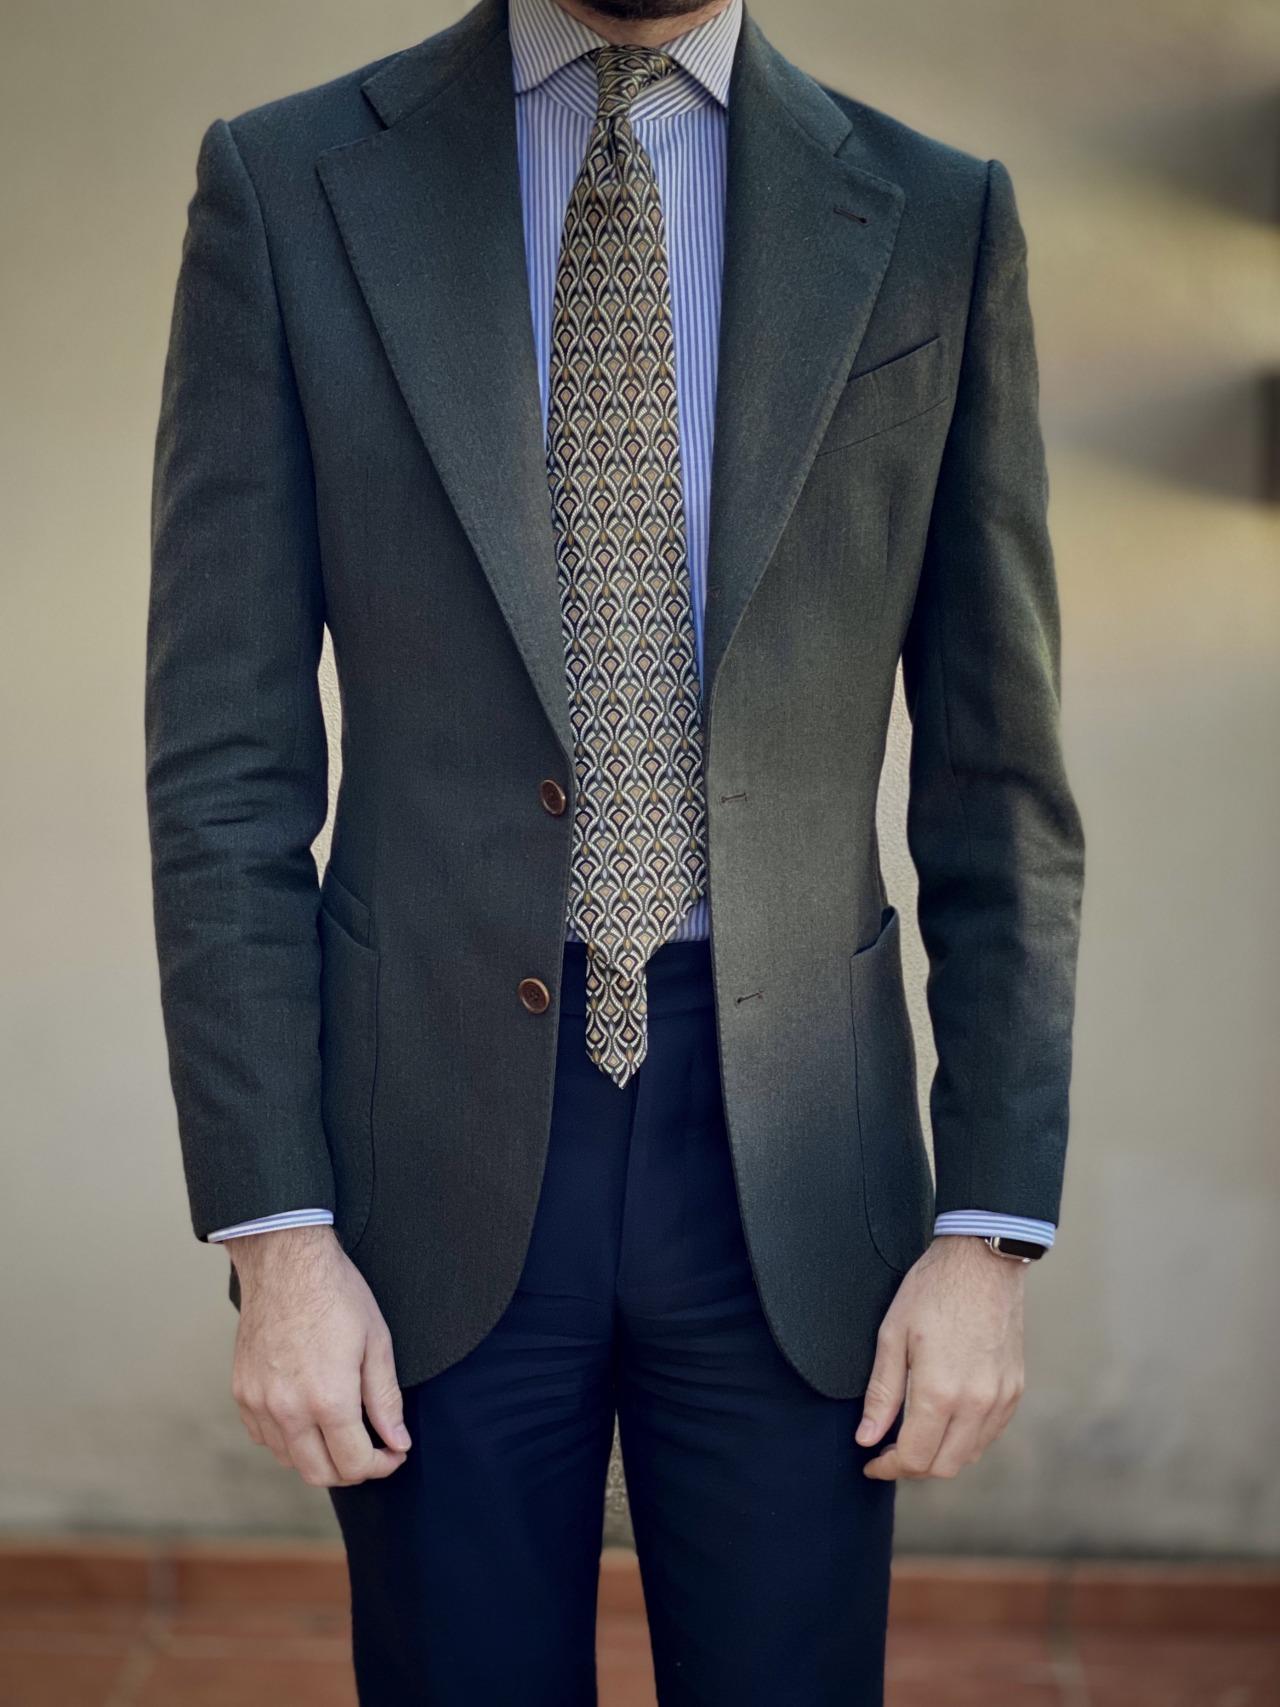 """Une cravate objectivement atroce. Le porteur marque son appartenance à la communauté des iGents en laissant bien dépasser le petit pan. C'est un peu leur """"code foulard"""".  (Source:rincondecaballeros)"""